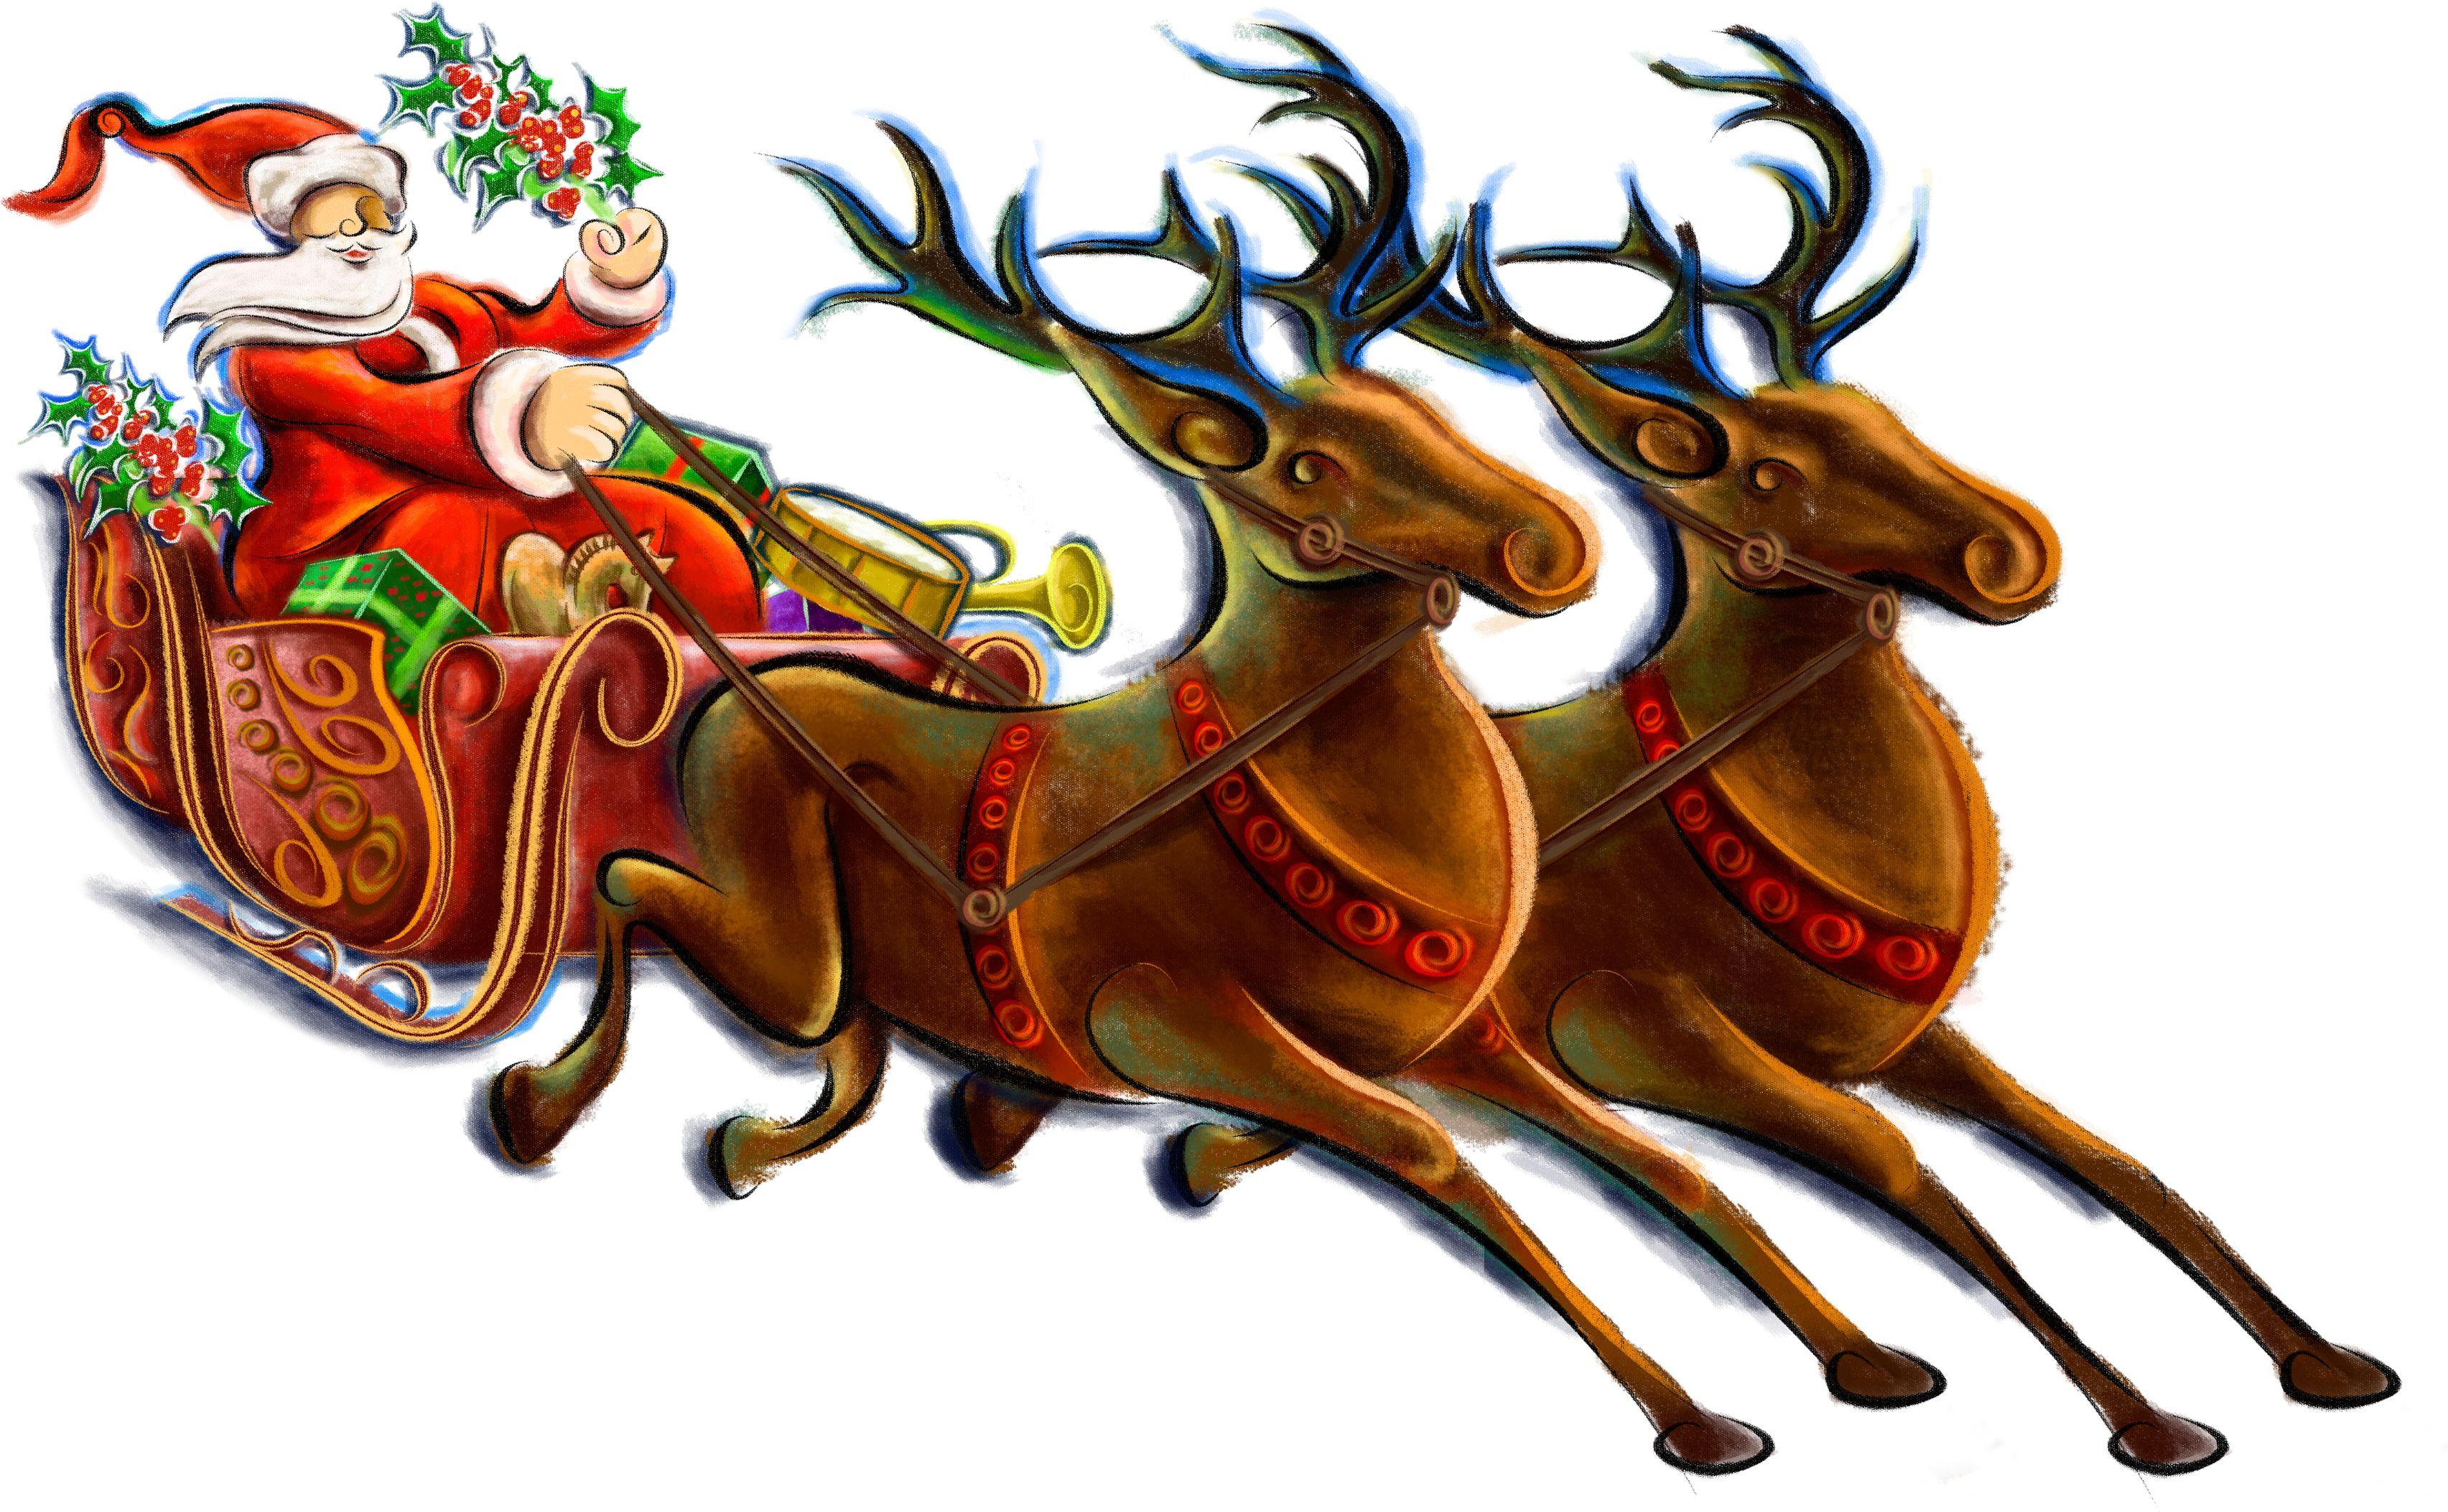 Картинки новогодние дед мороз на санях пнг, днем